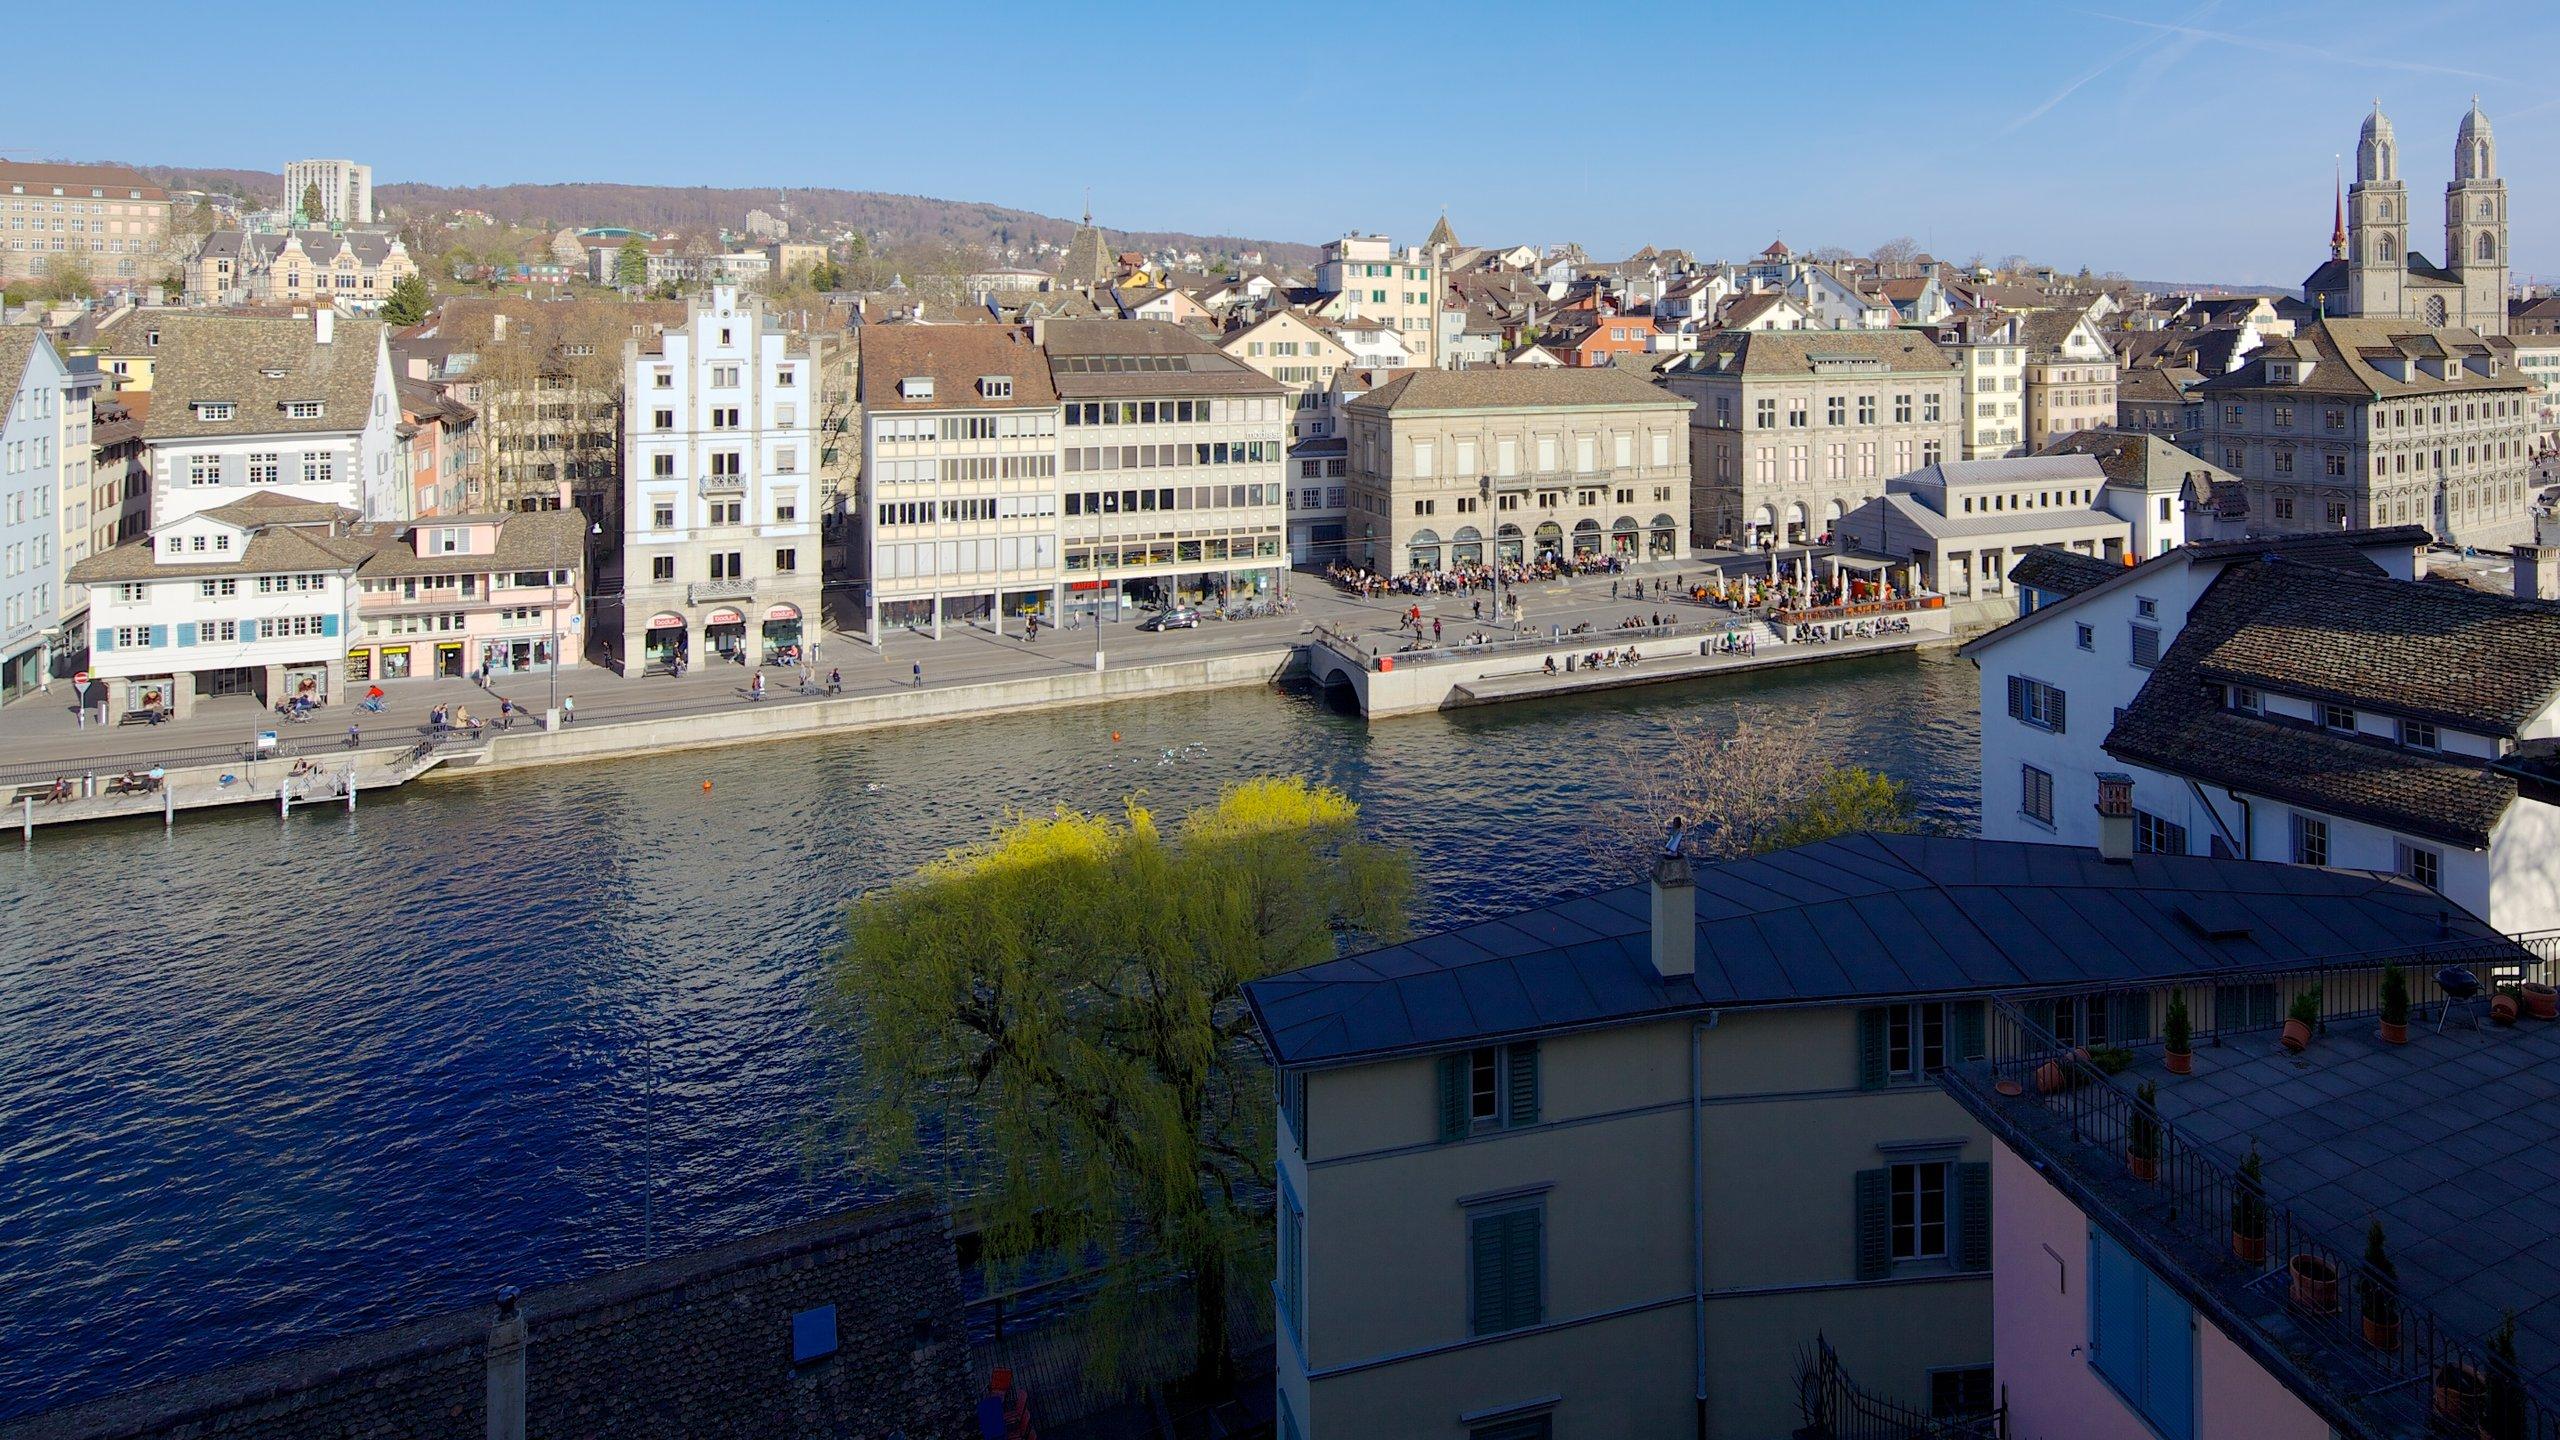 Zürich, Canton of Zurich, Switzerland